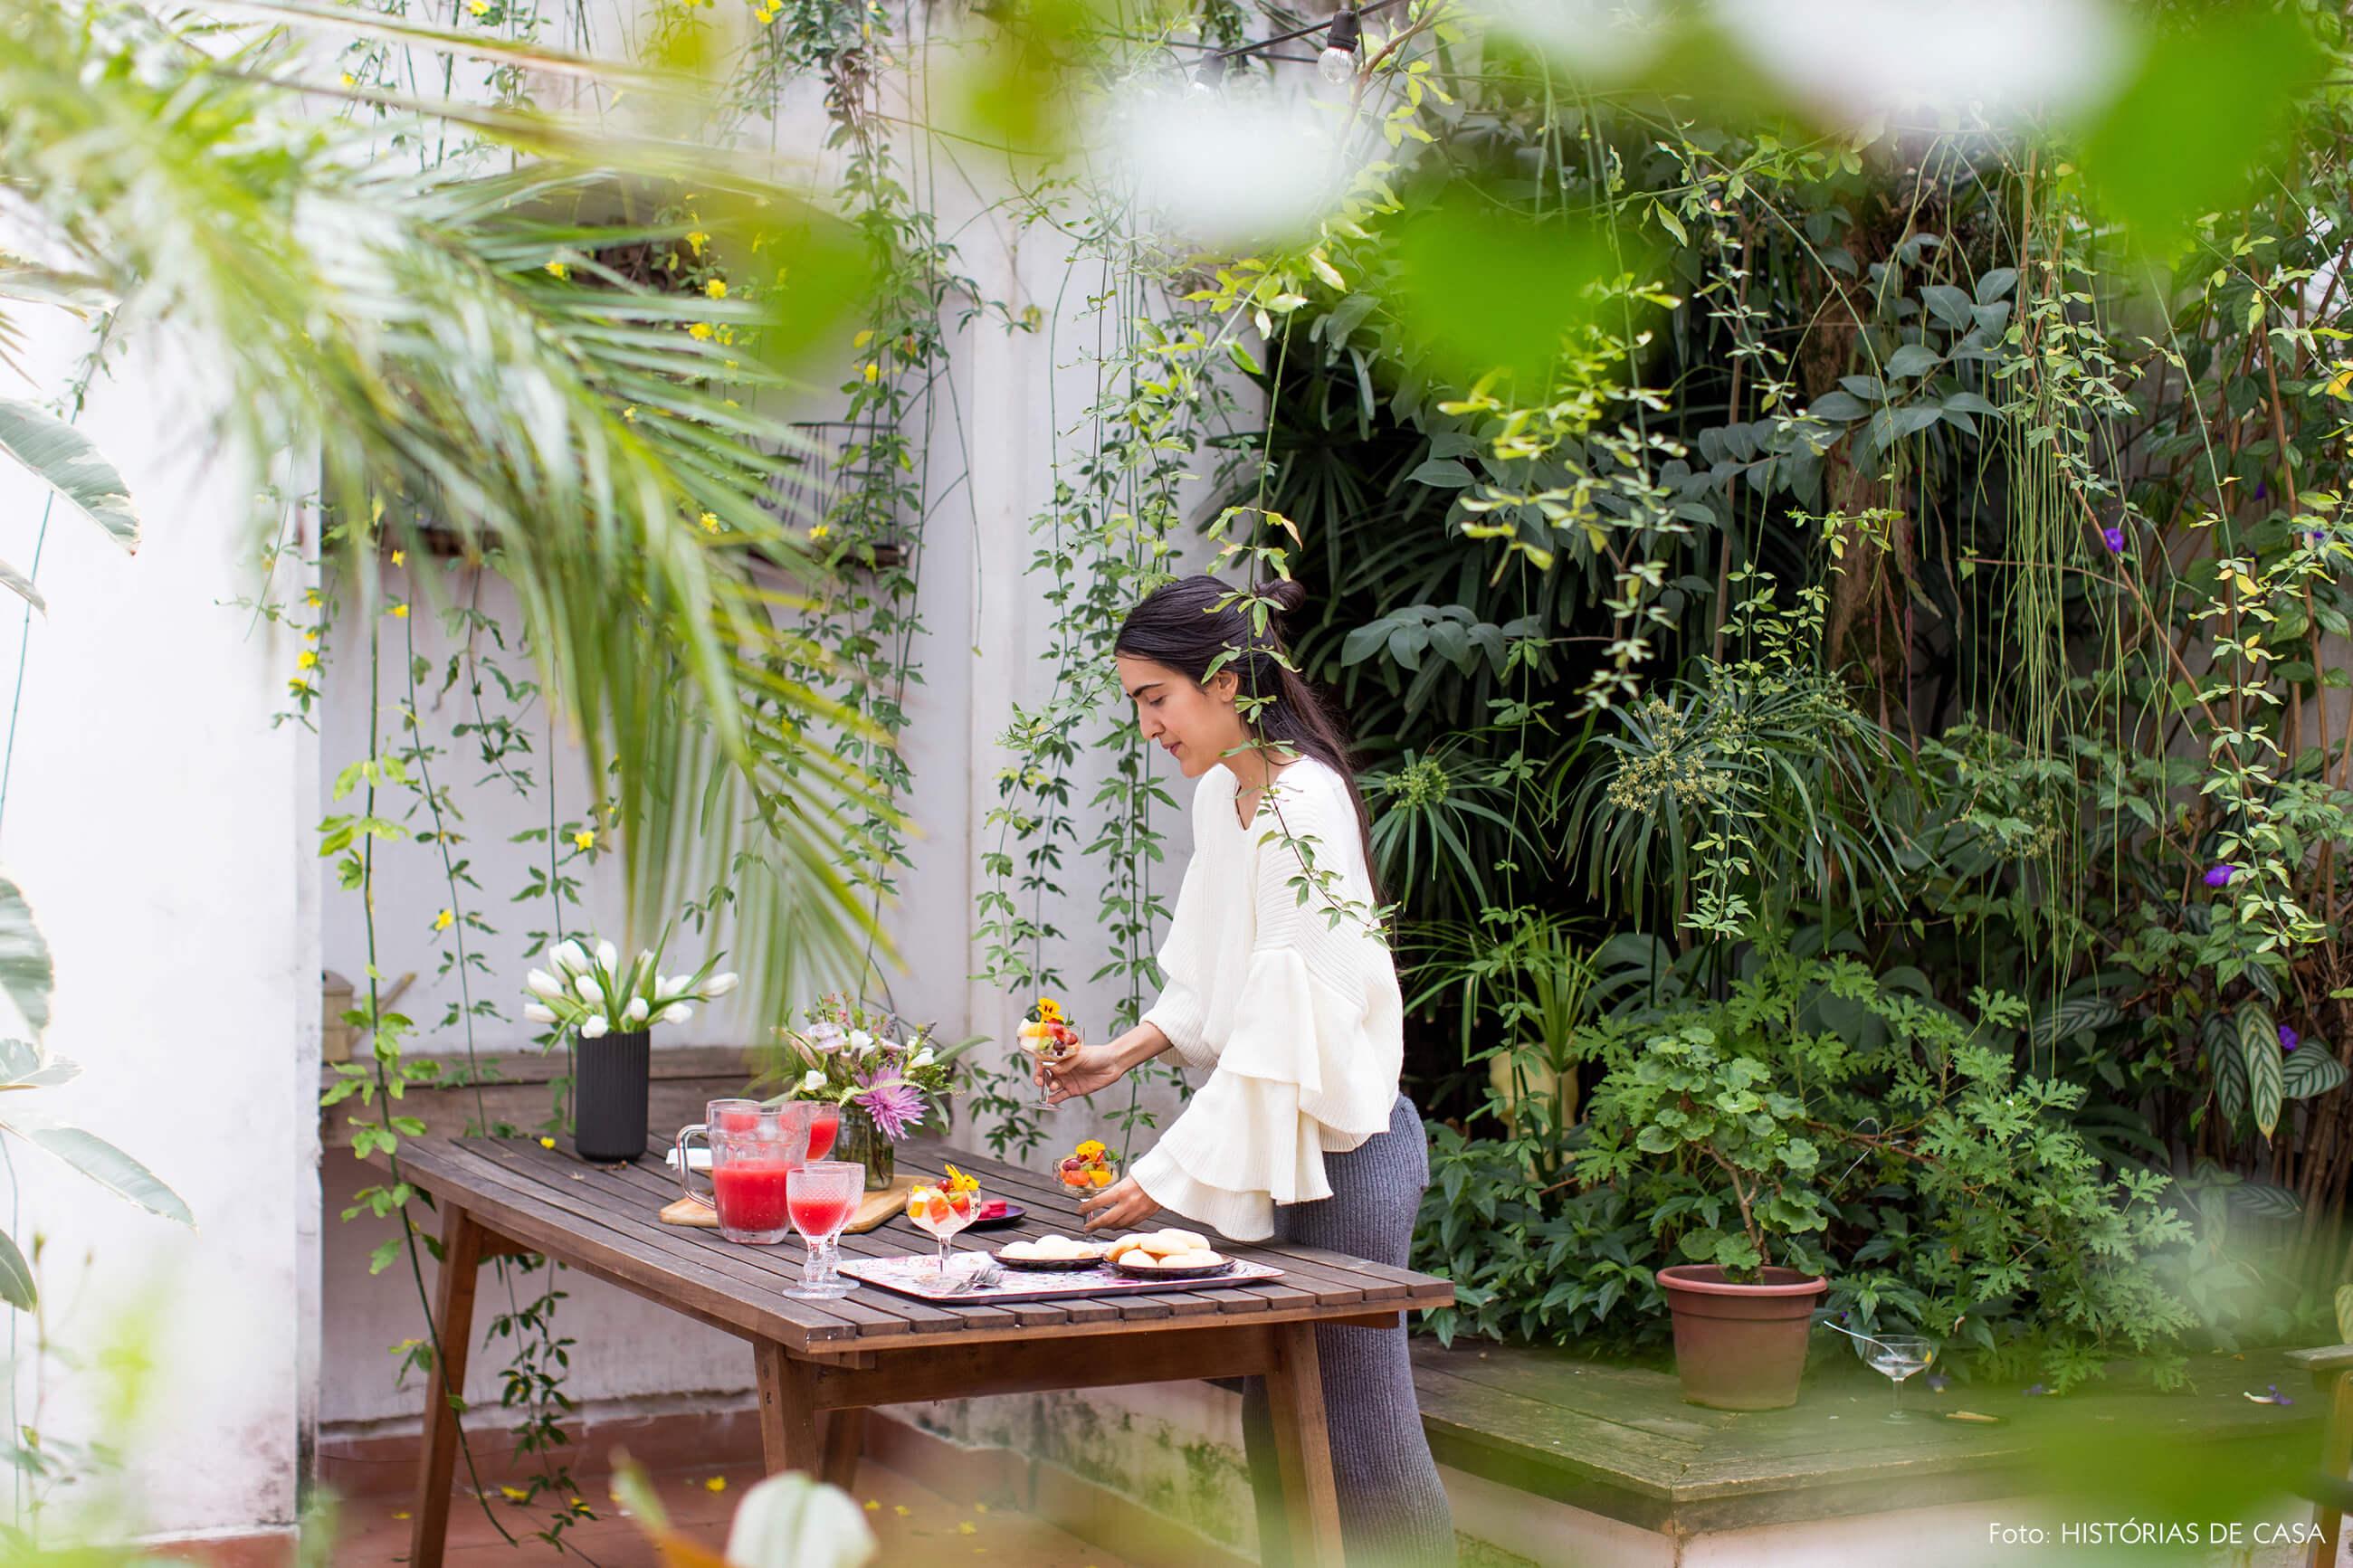 Casa do FLO Atelier Botânico com jardim dos fundos